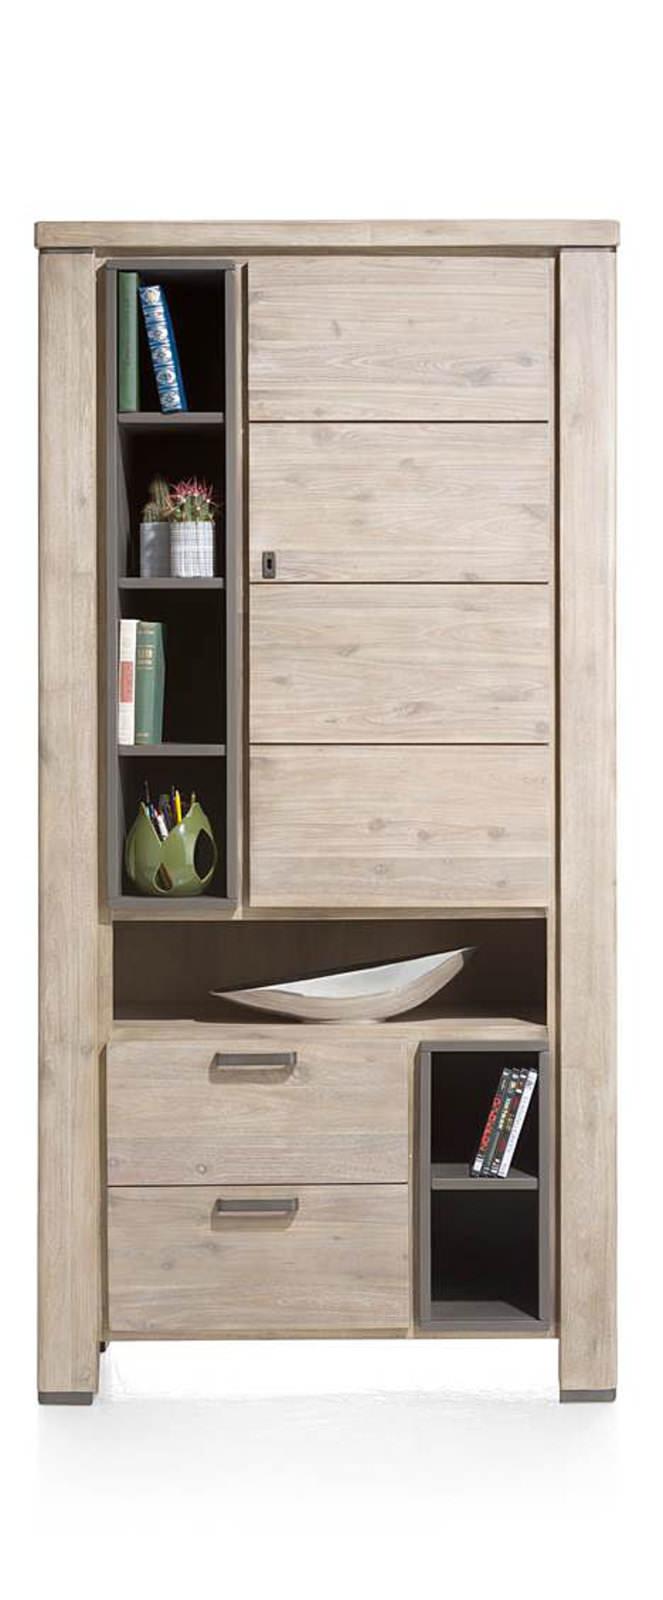 schrank online excellent couch gekauft schrank bekommen. Black Bedroom Furniture Sets. Home Design Ideas